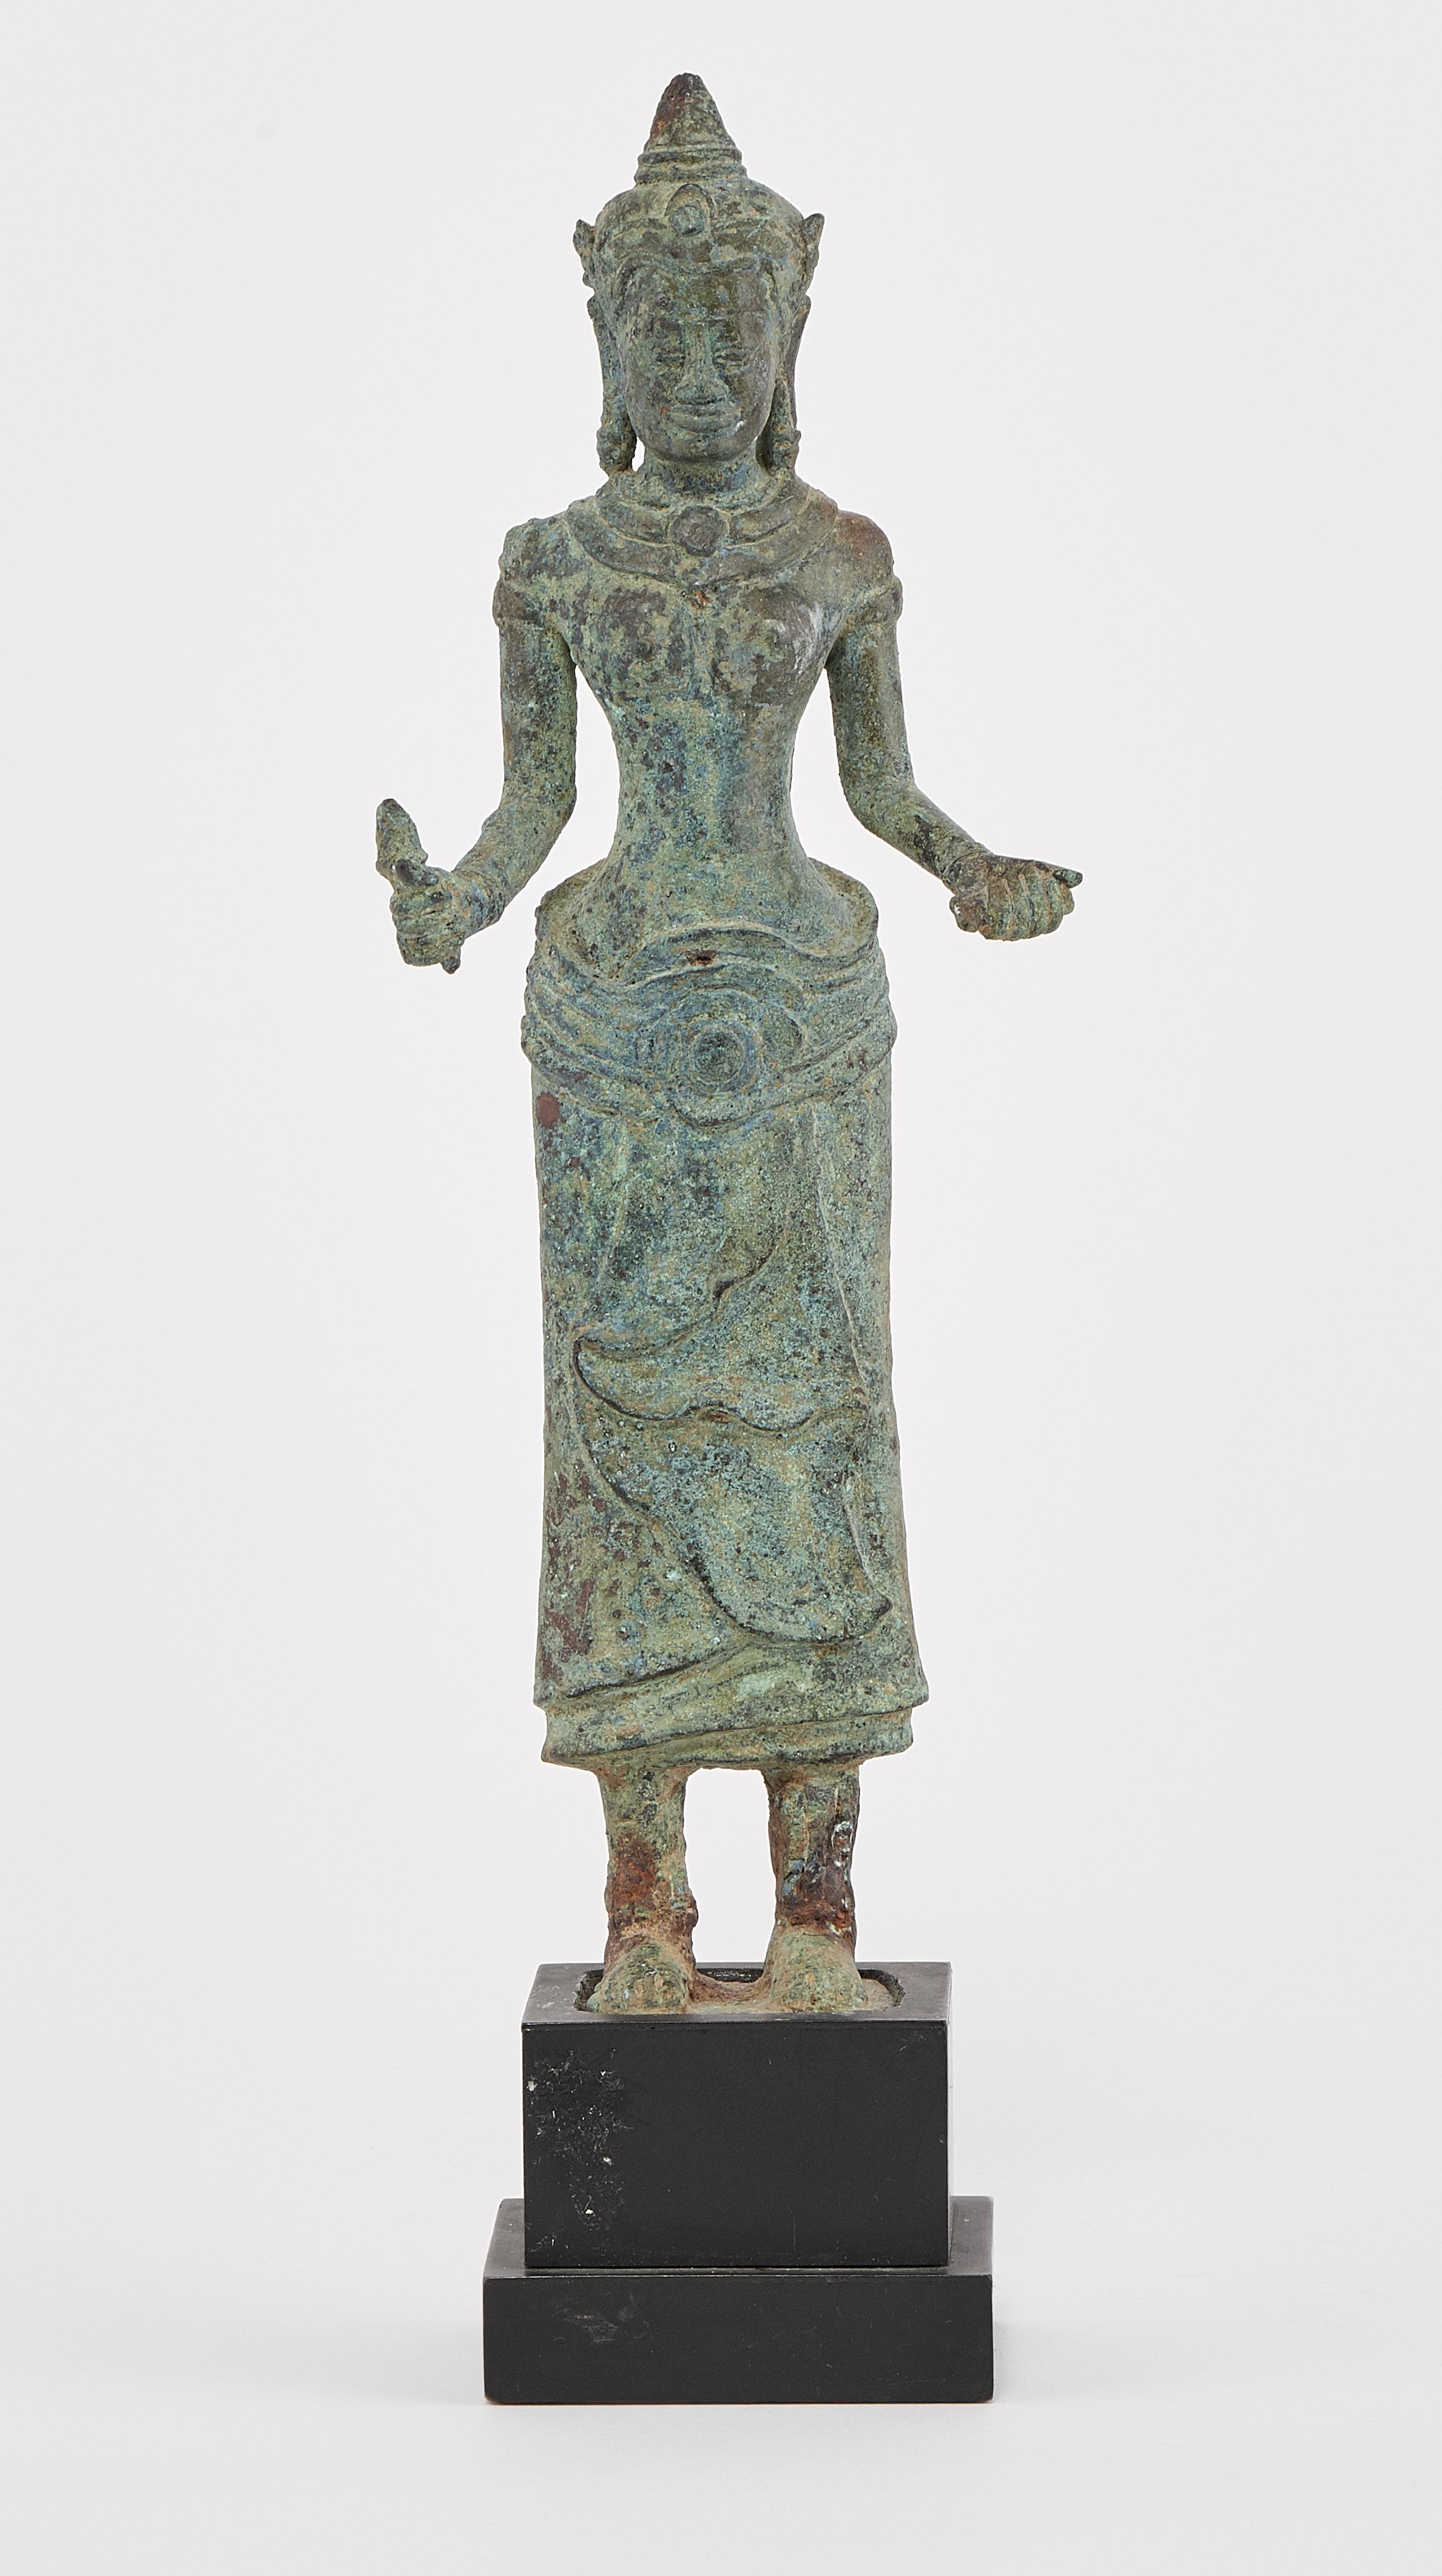 Vente Art asiatique, art de l'Iran et art africain chez Genève Enchères : 230 lots